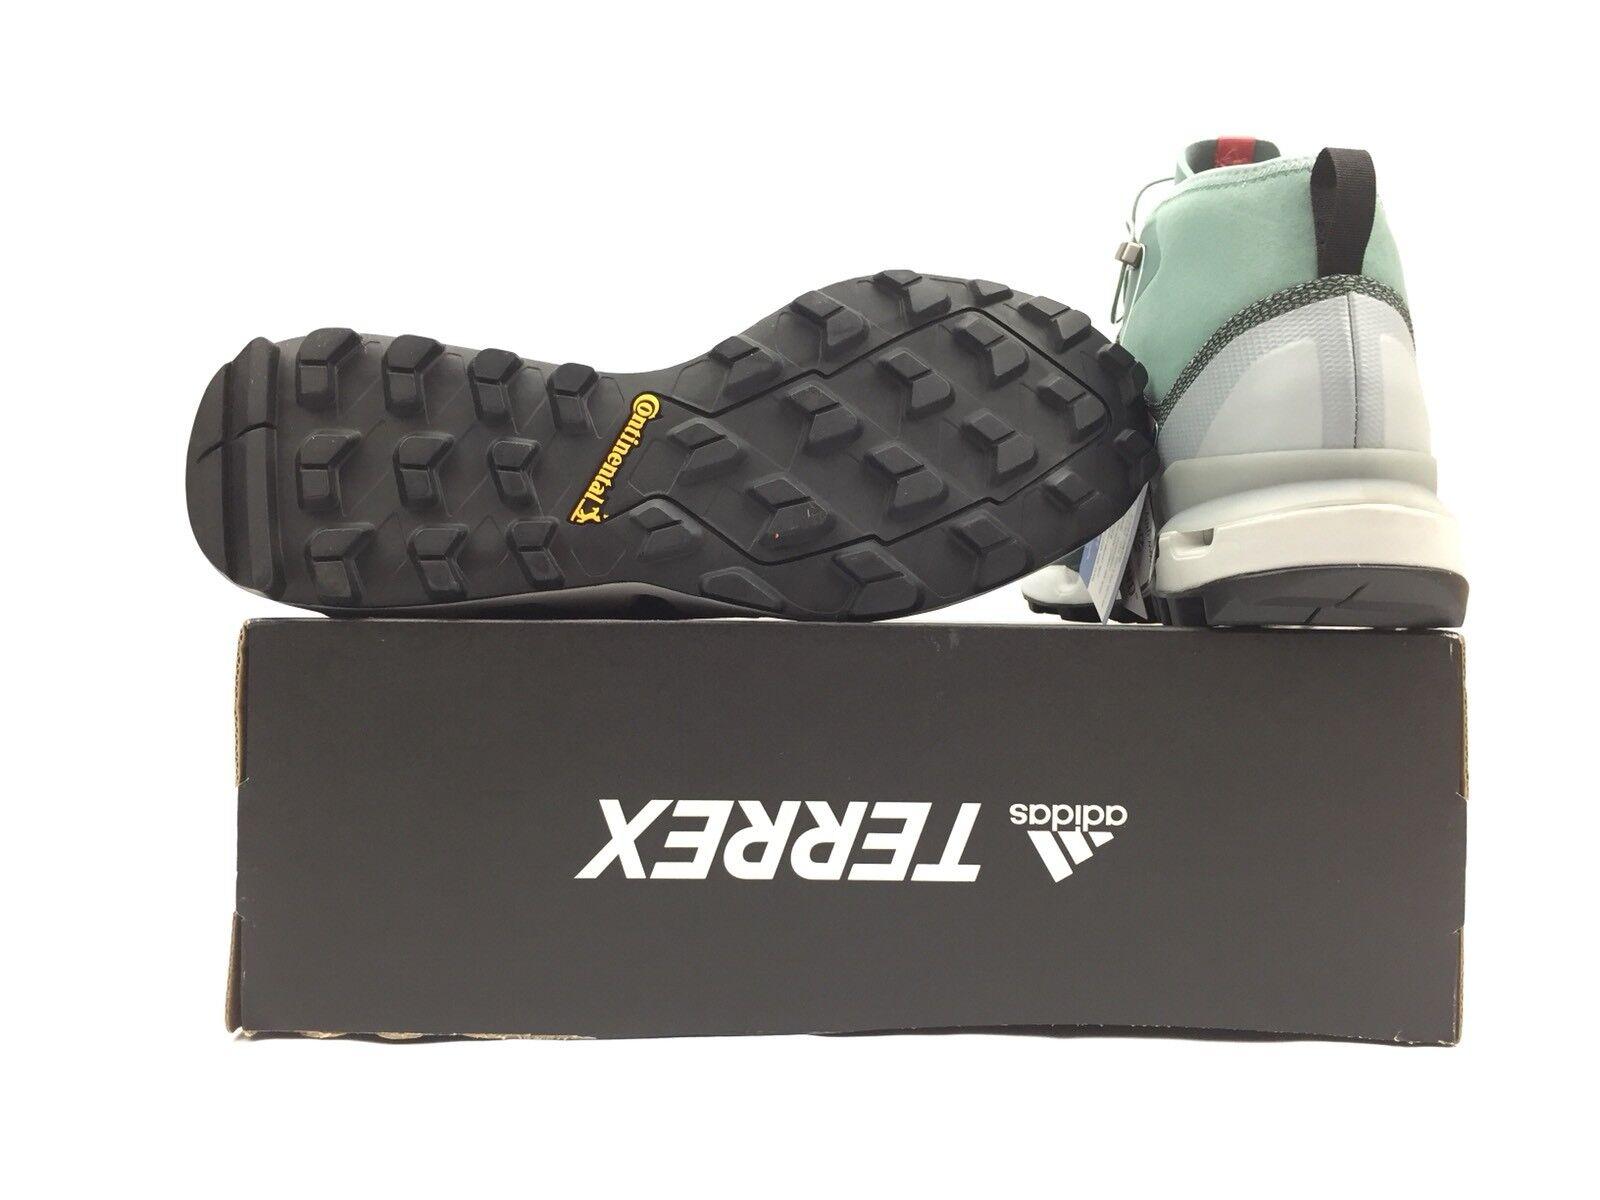 Adidas mitte terrex schnelle mitte Adidas gtx surround wanderschuhe größe 11 größe 9,5 männer frauen 64daf2